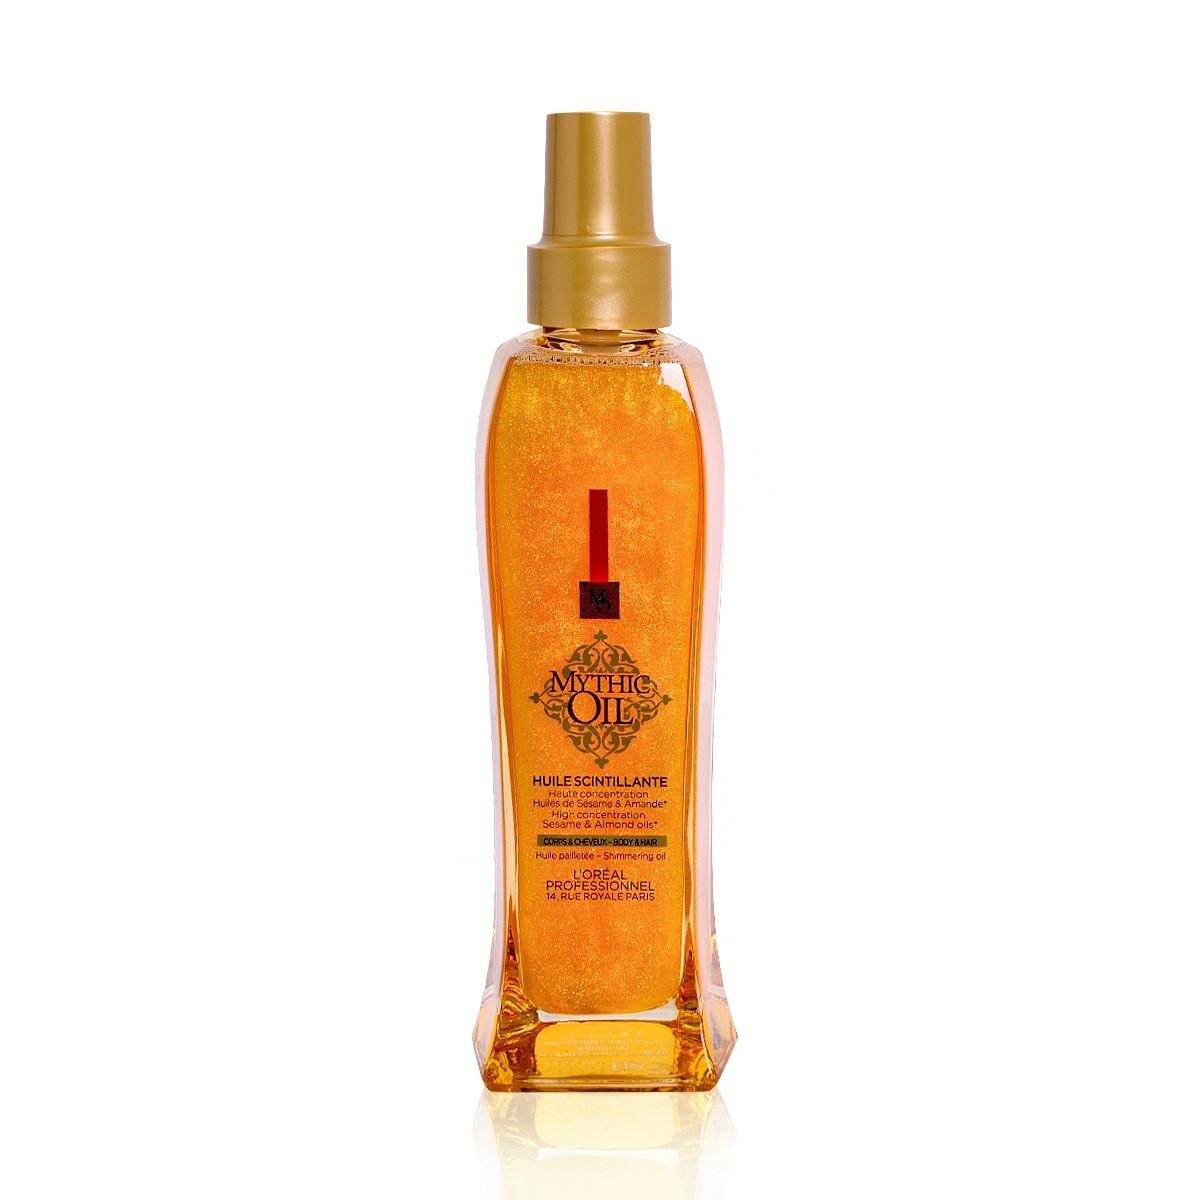 LOREAL Mythic Oil Scintillant Oil 100ml - Nabłyszczający olejek do ciała i włosów każdego rodzaju